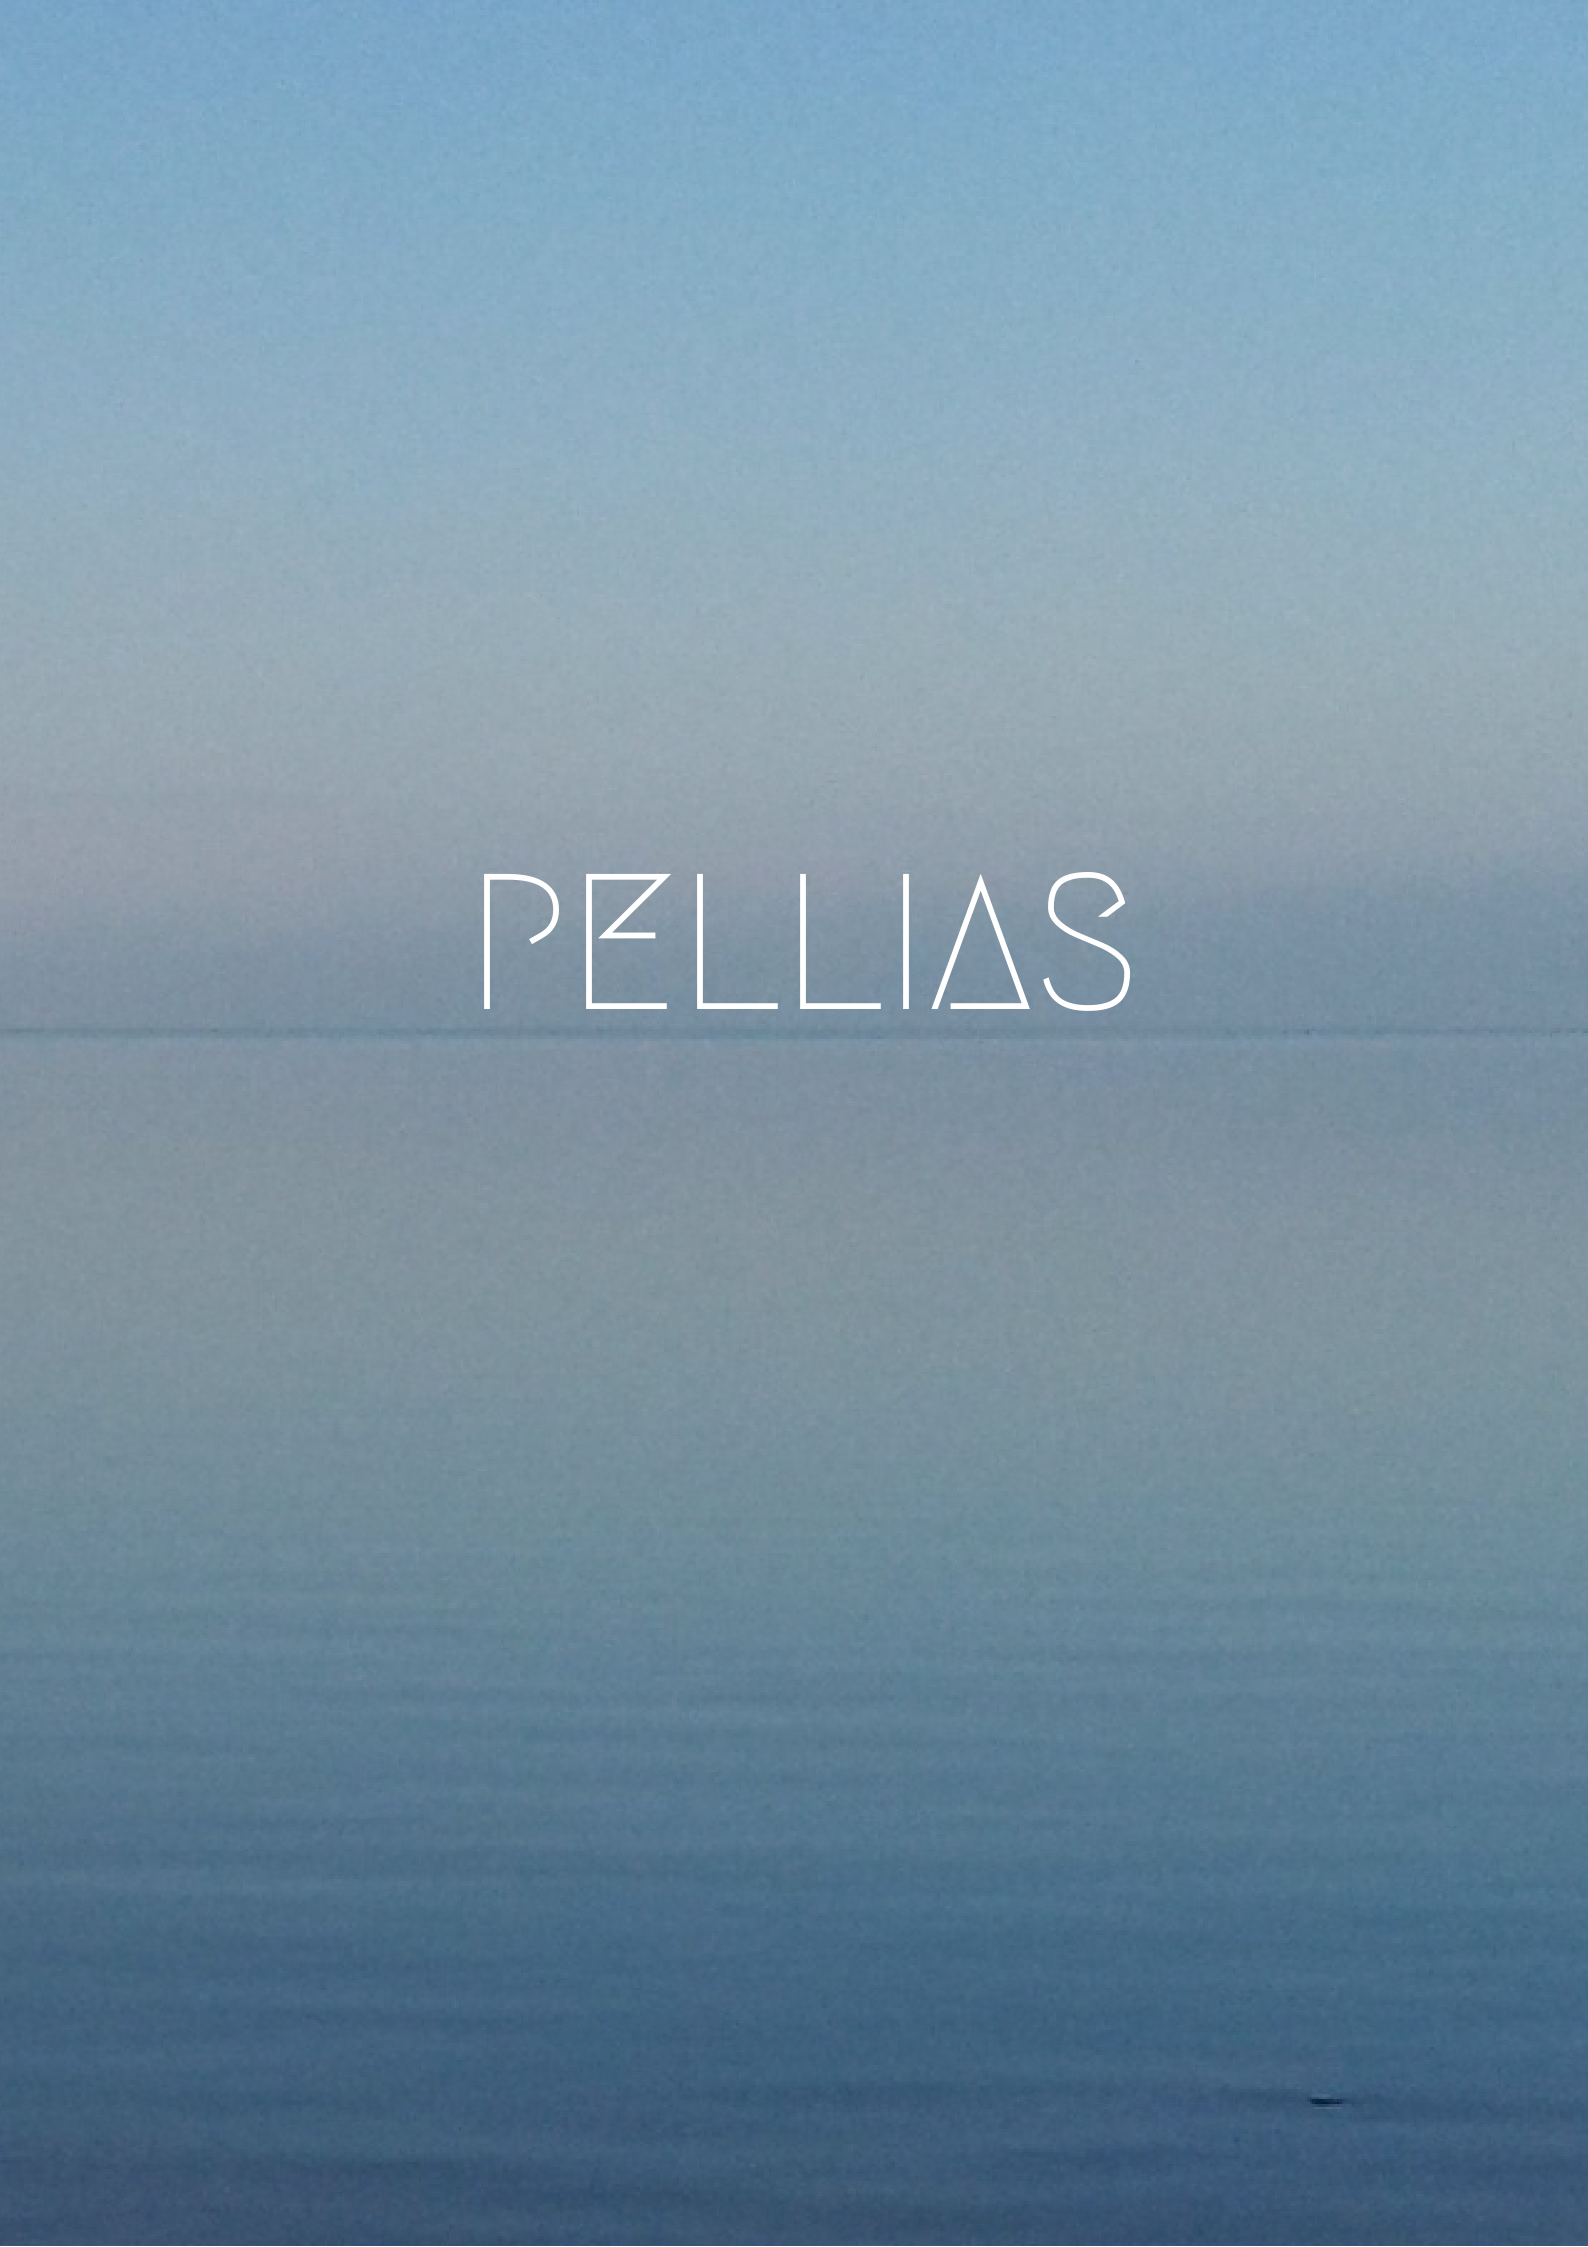 Pellias